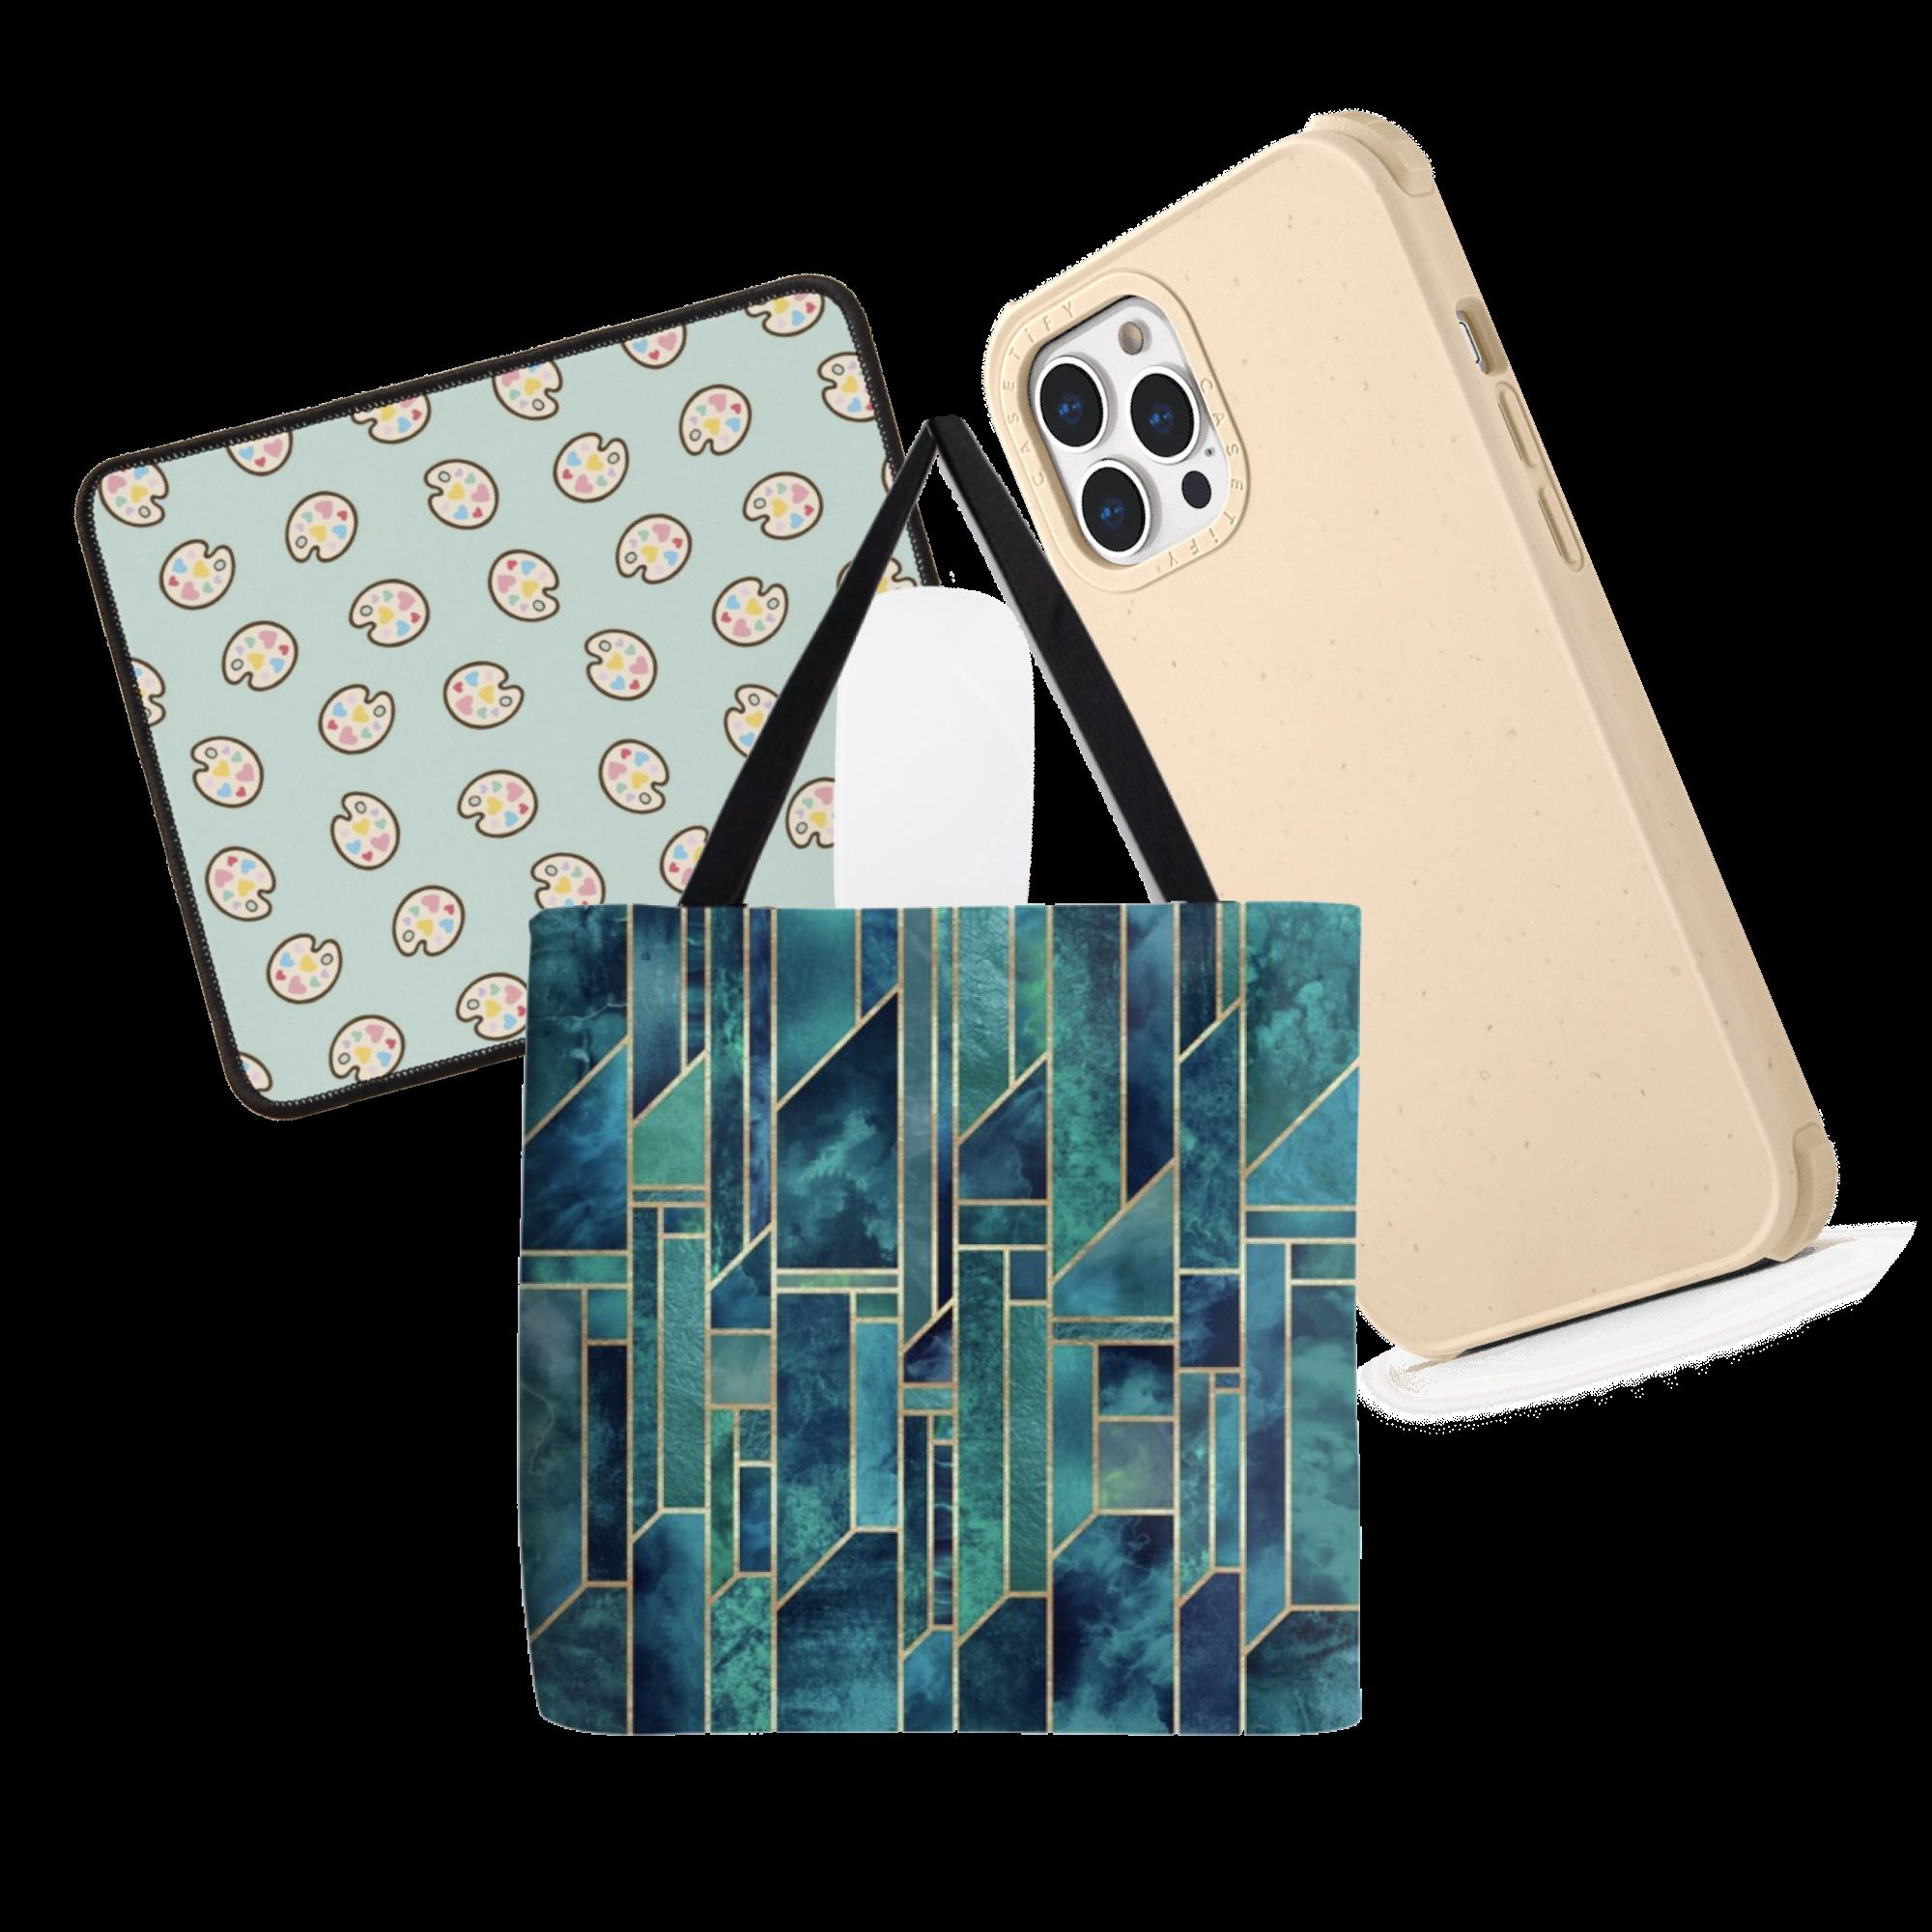 Customised accessories